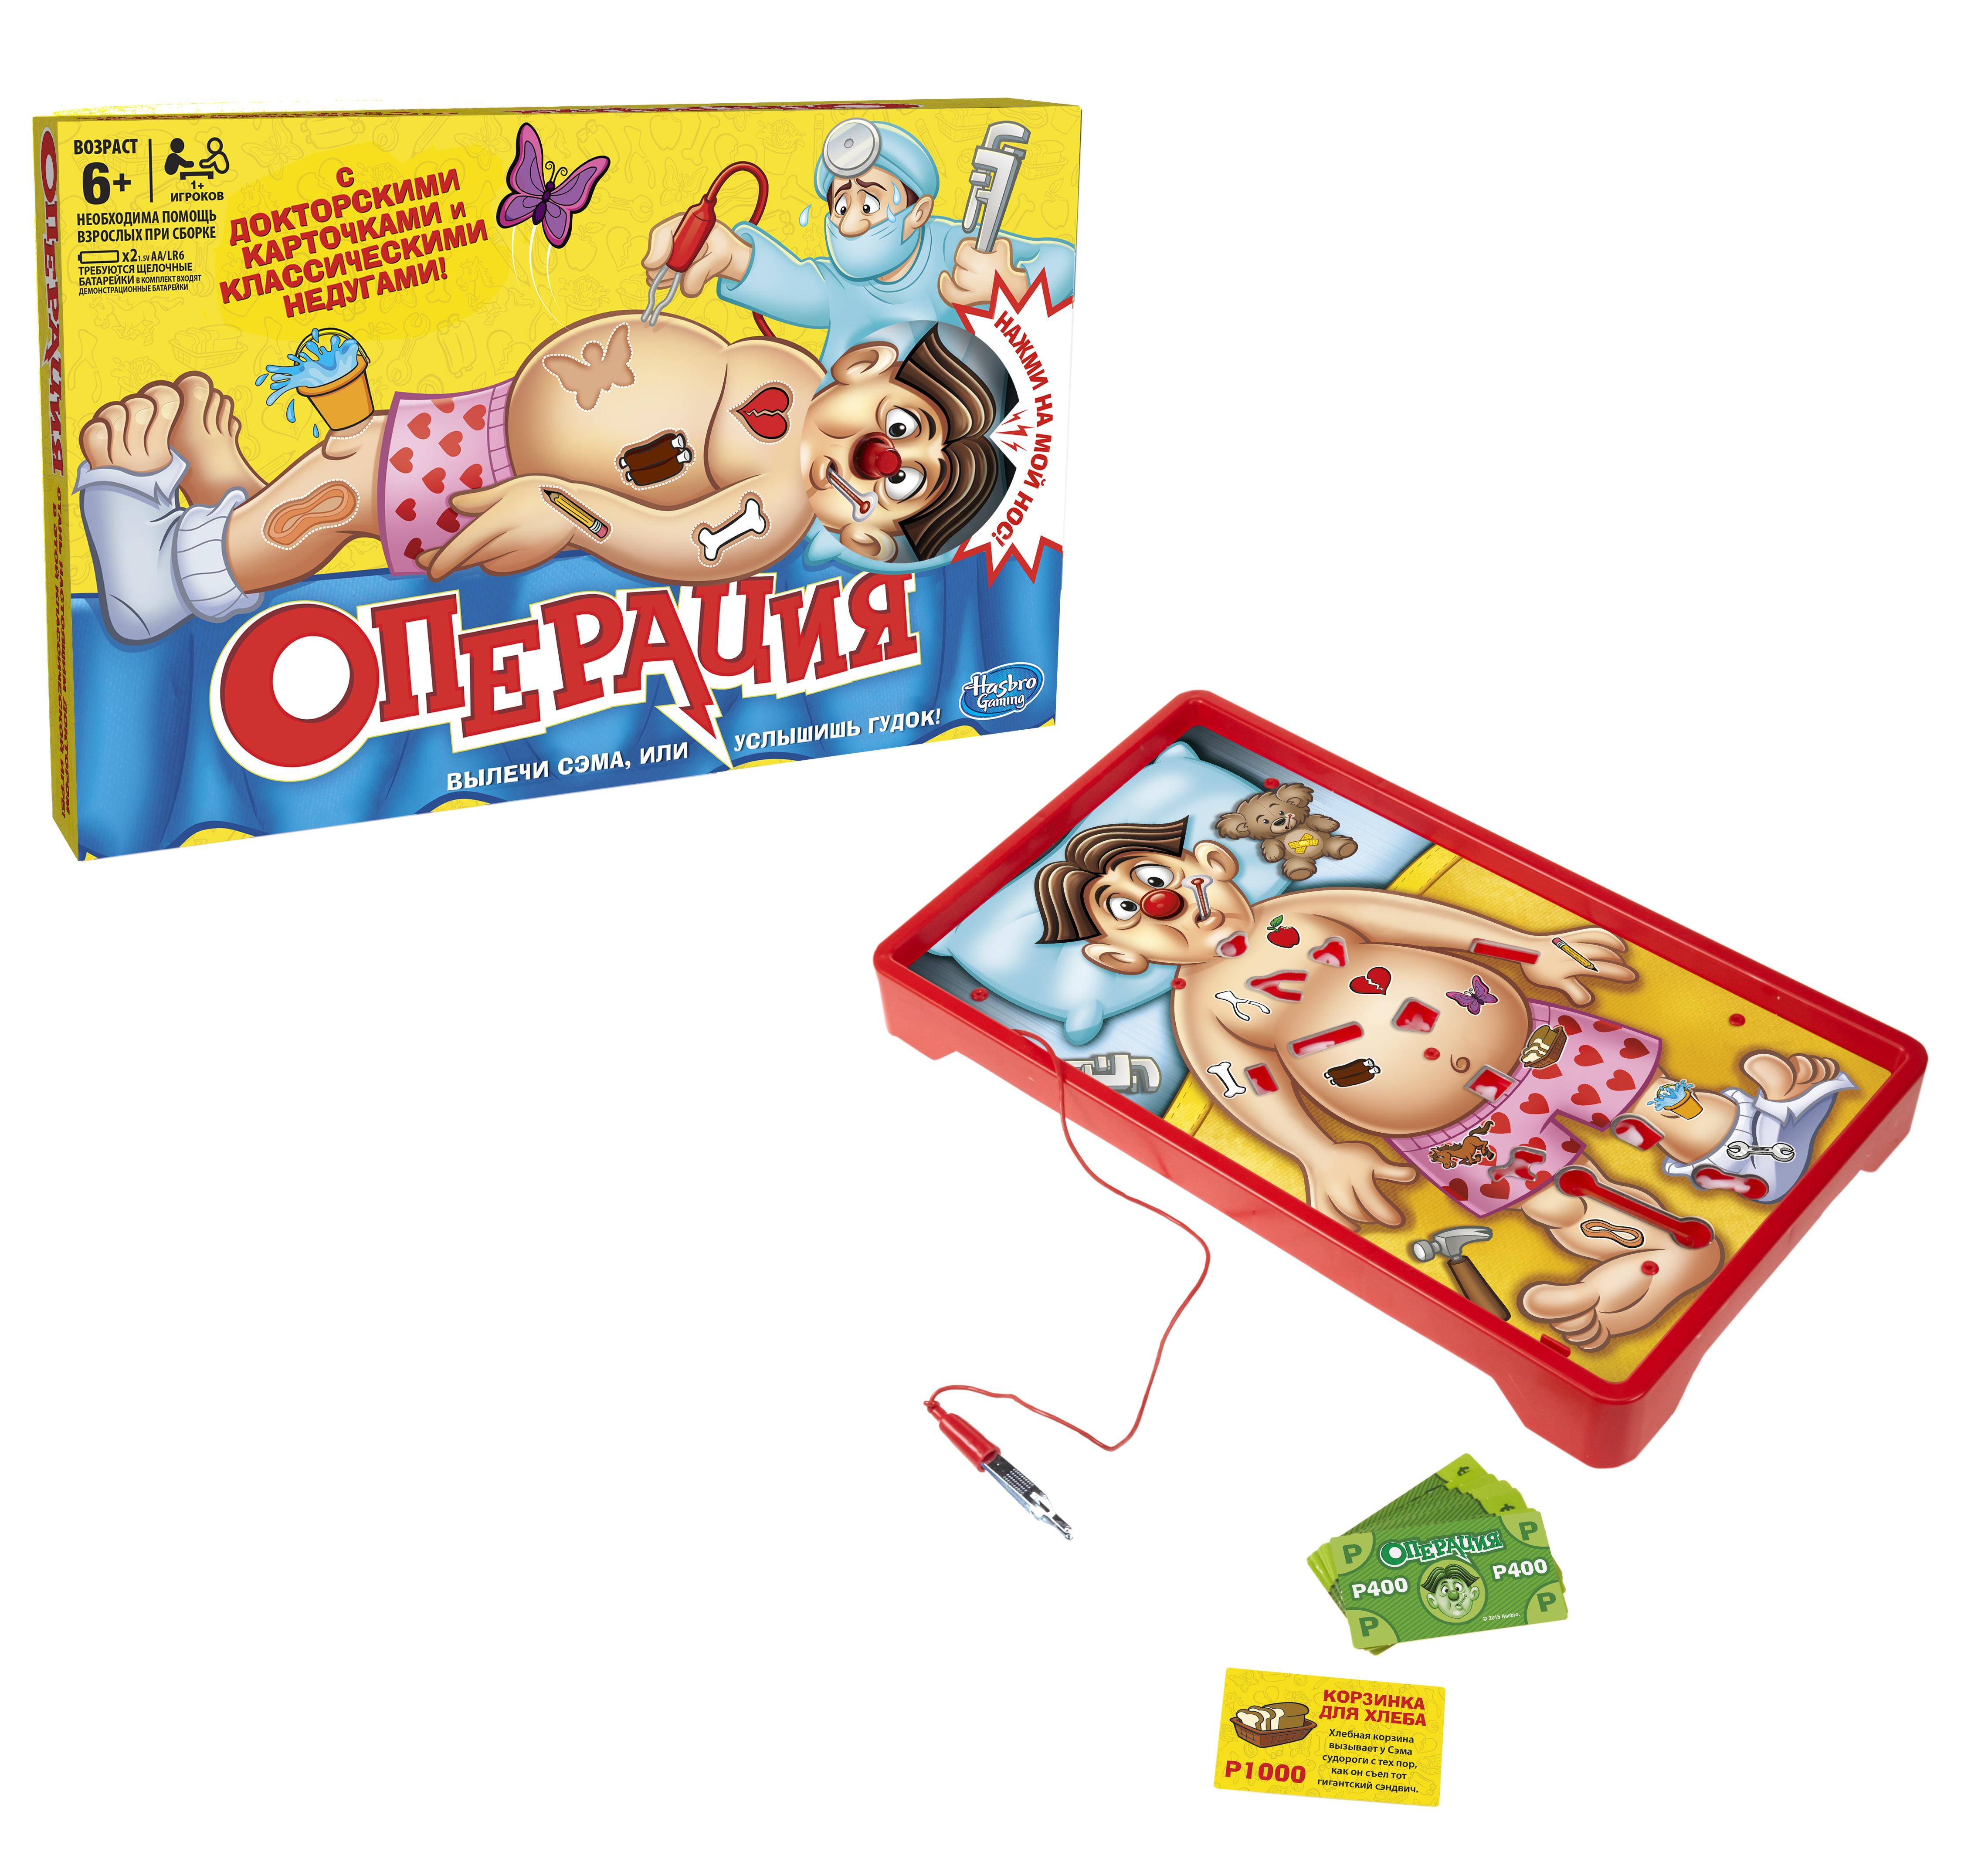 Купить Операция, Семейная настольная игра операция b2176, Hasbro Games, Семейные настольные игры